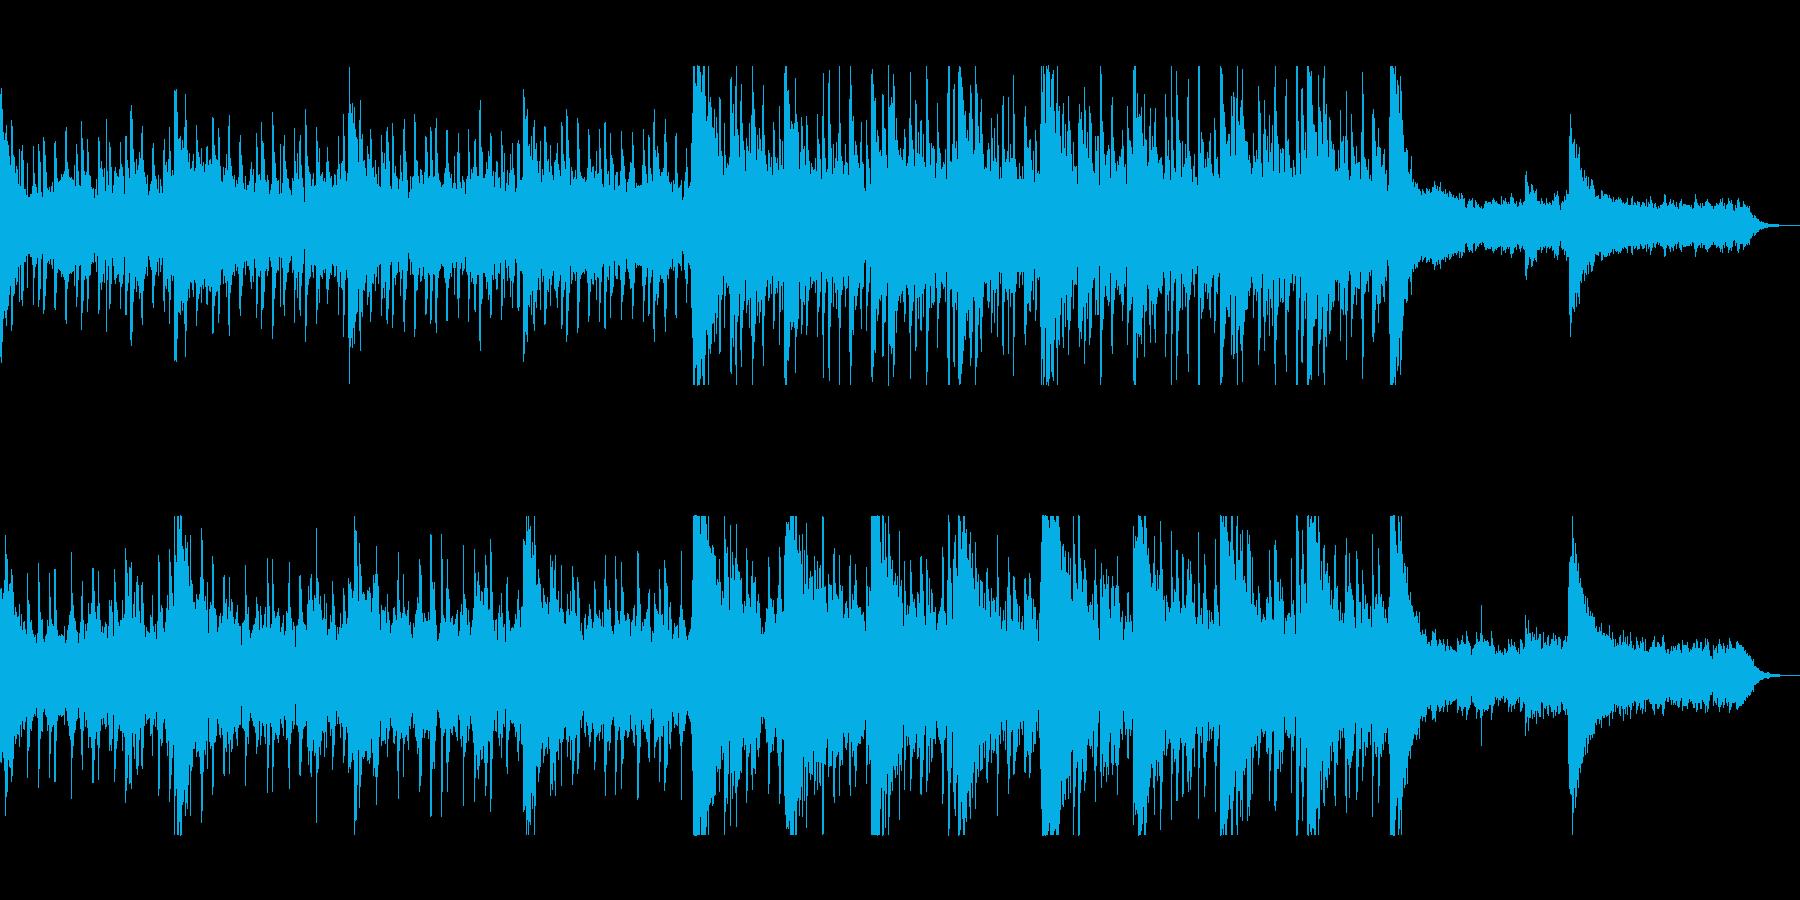 涼しげで神秘的なピアノサウンドの再生済みの波形